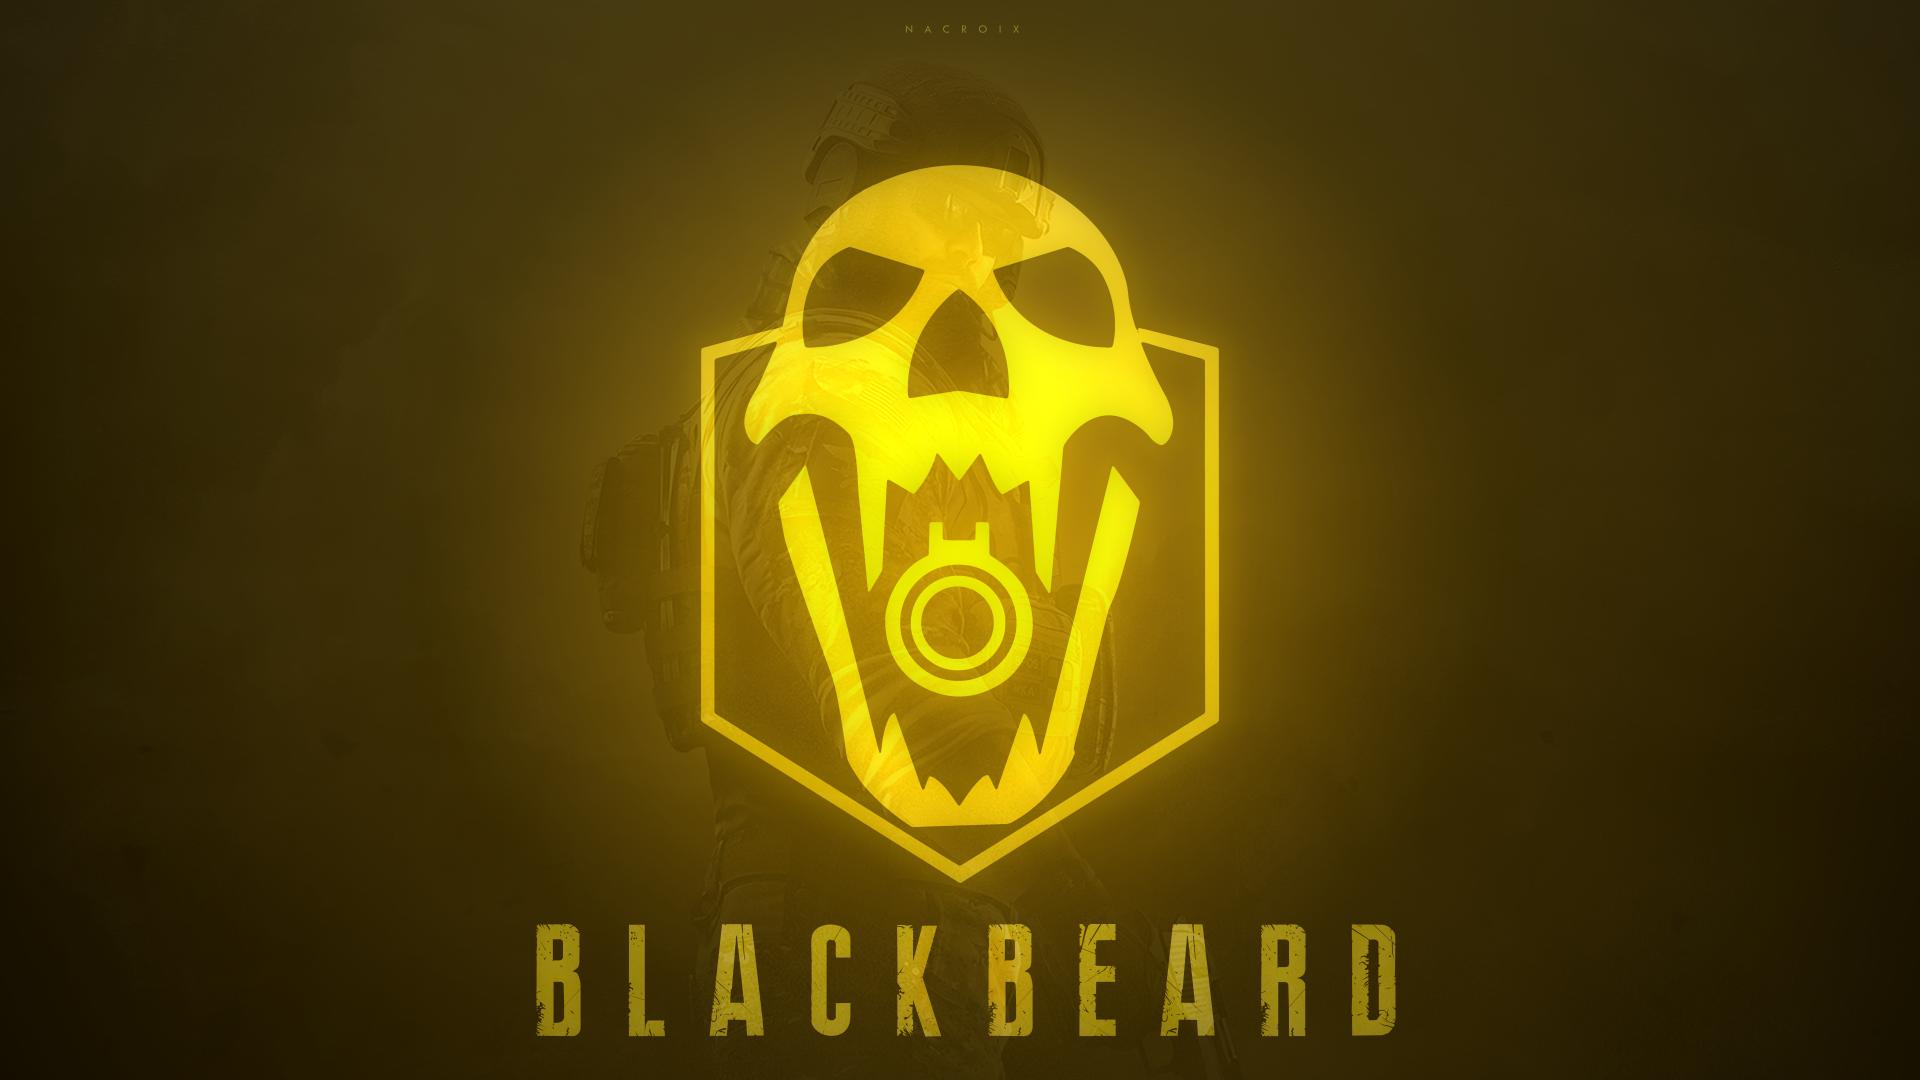 Blackbeard 8k Ultra Hd Wallpaper Background Image 12000x6750